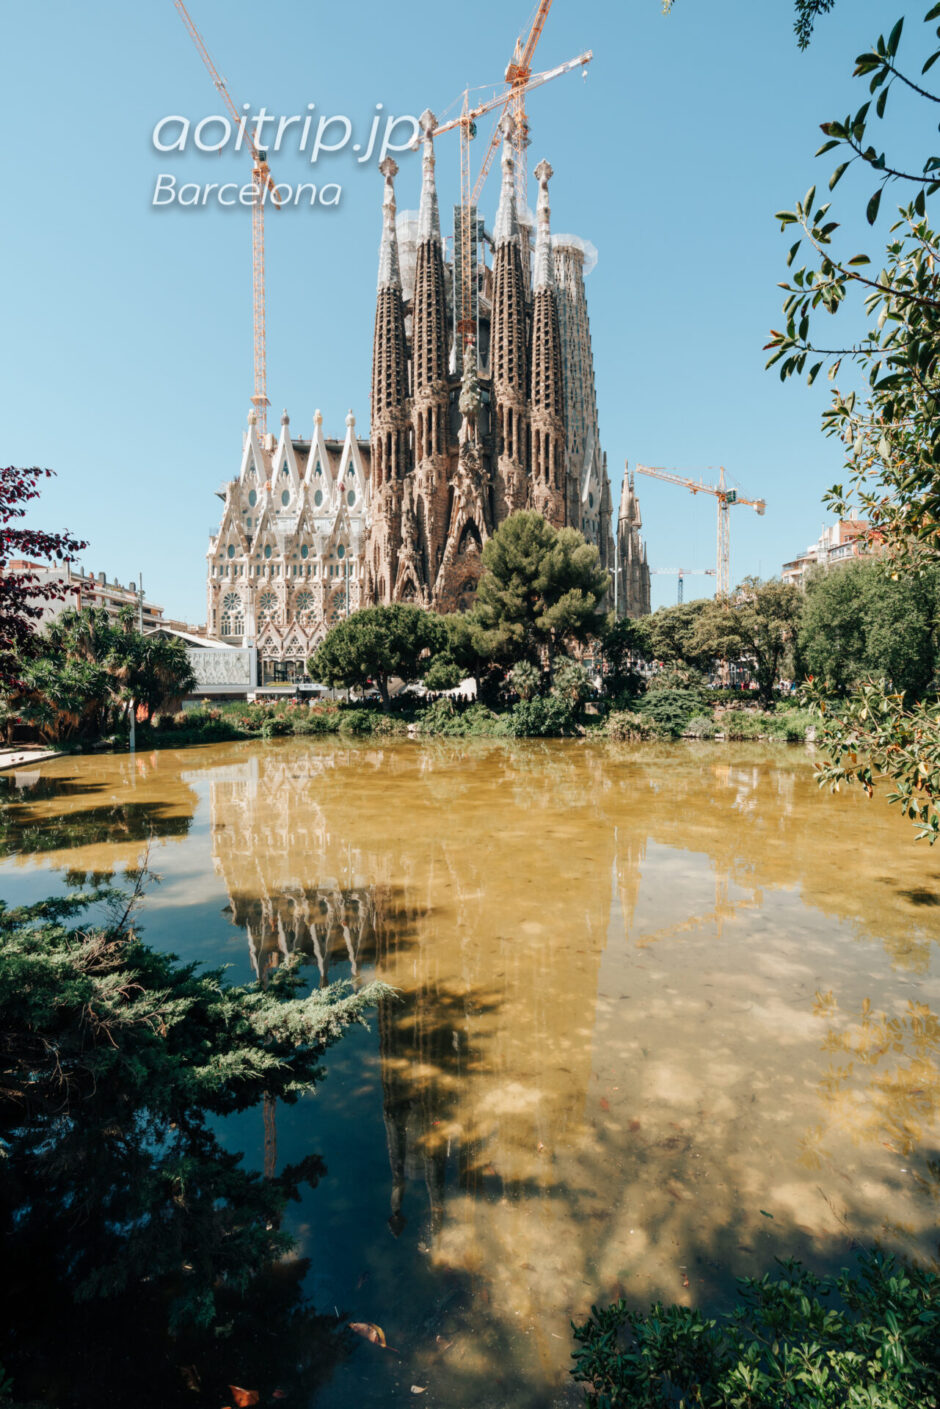 バルセロナ サグラダファミリア 生誕のファサード